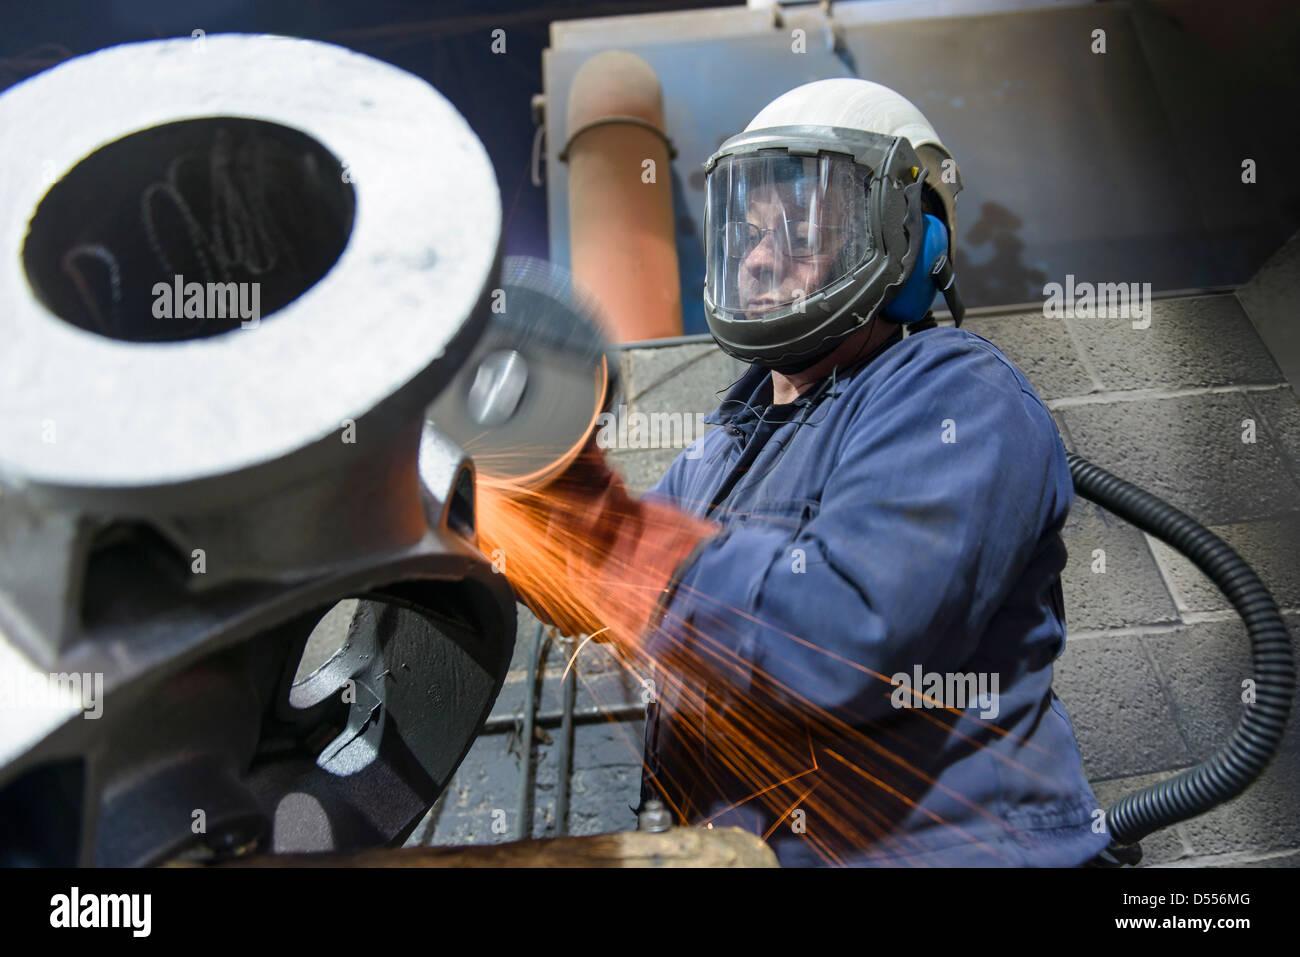 Arbeiter Schleifen Gehäuse in Metall Gießerei Stockbild